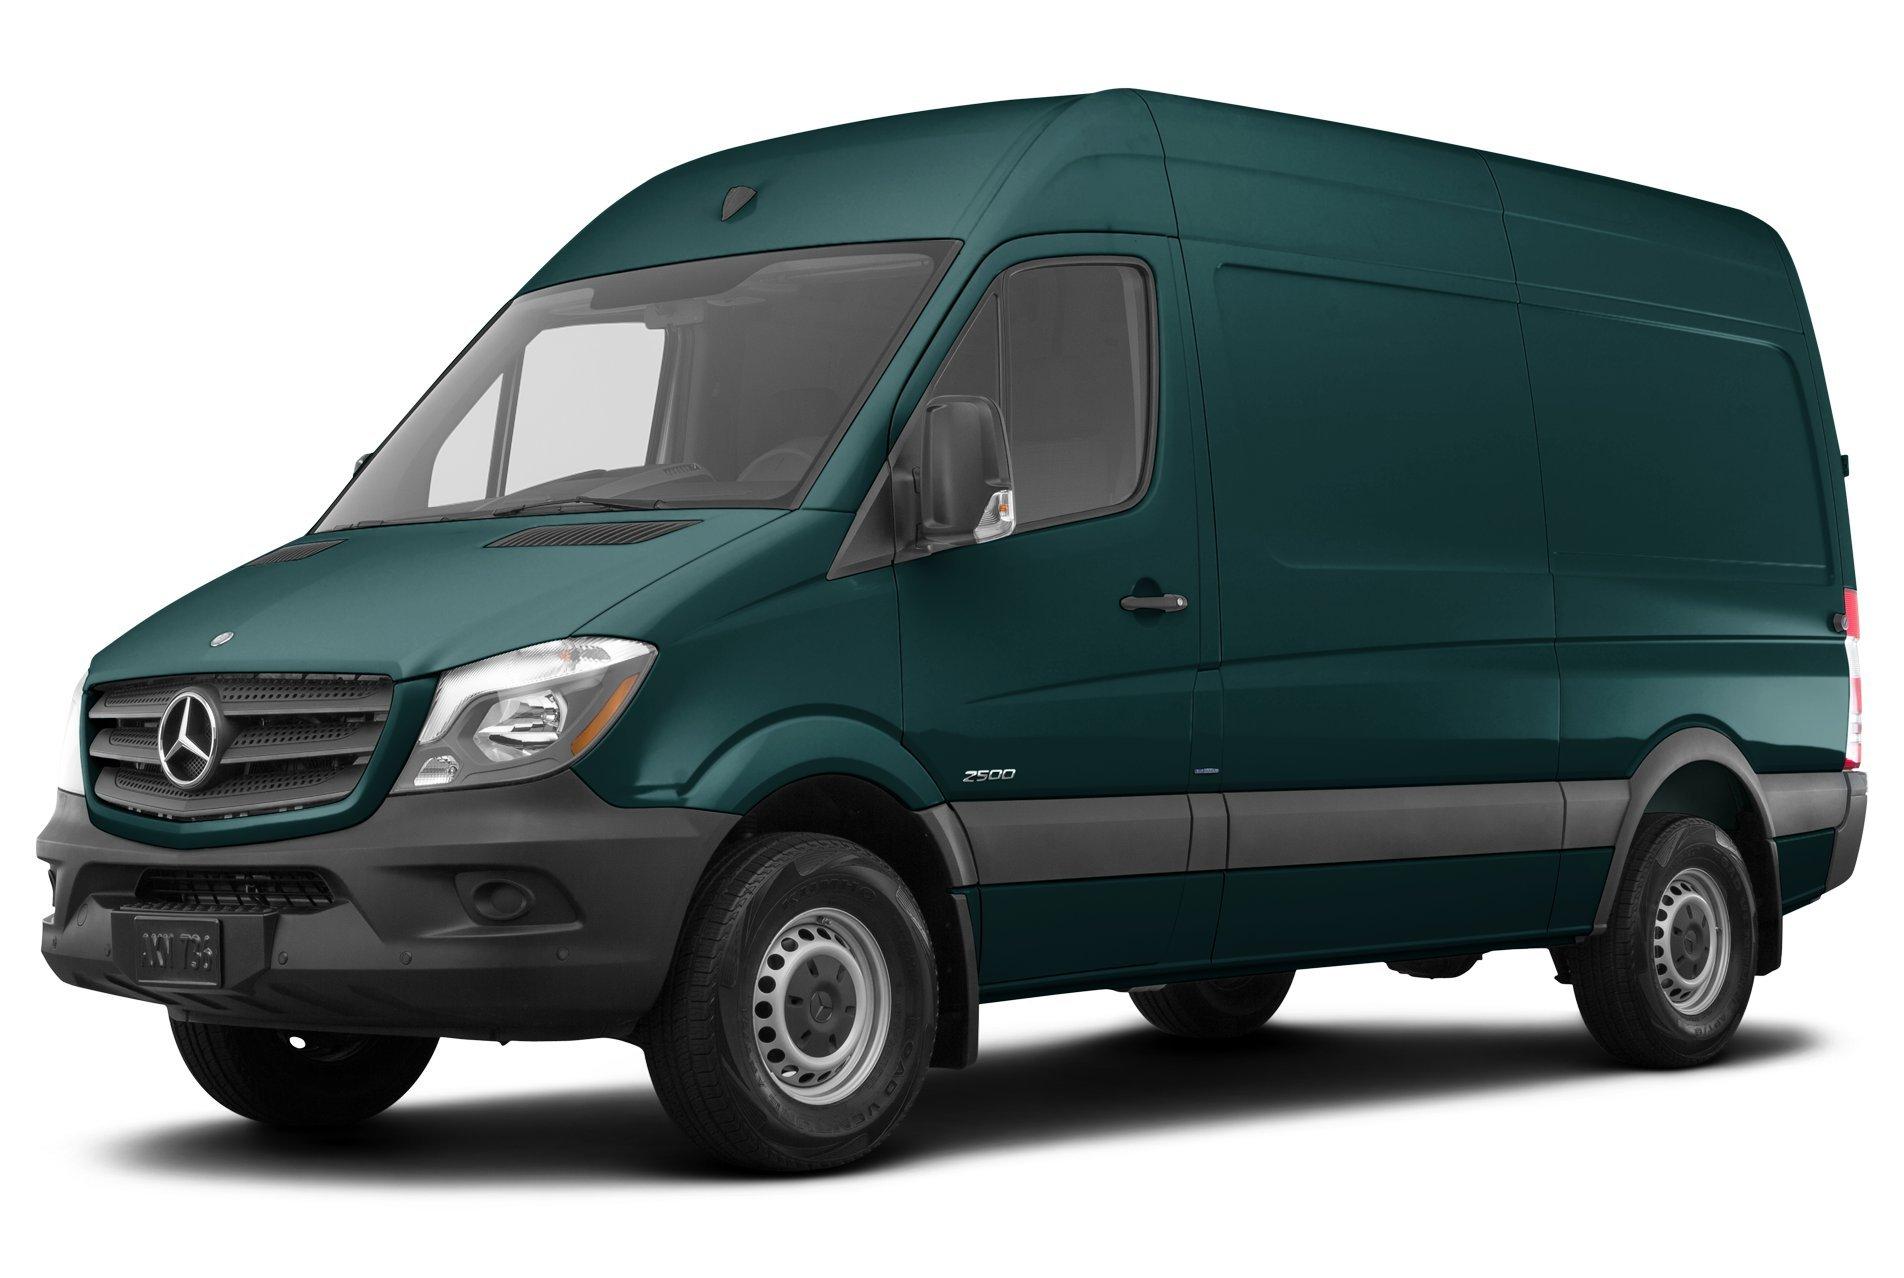 sprinter mercedes 2500 benz amazon drive wheel vans freightliner cargo specs vehicles